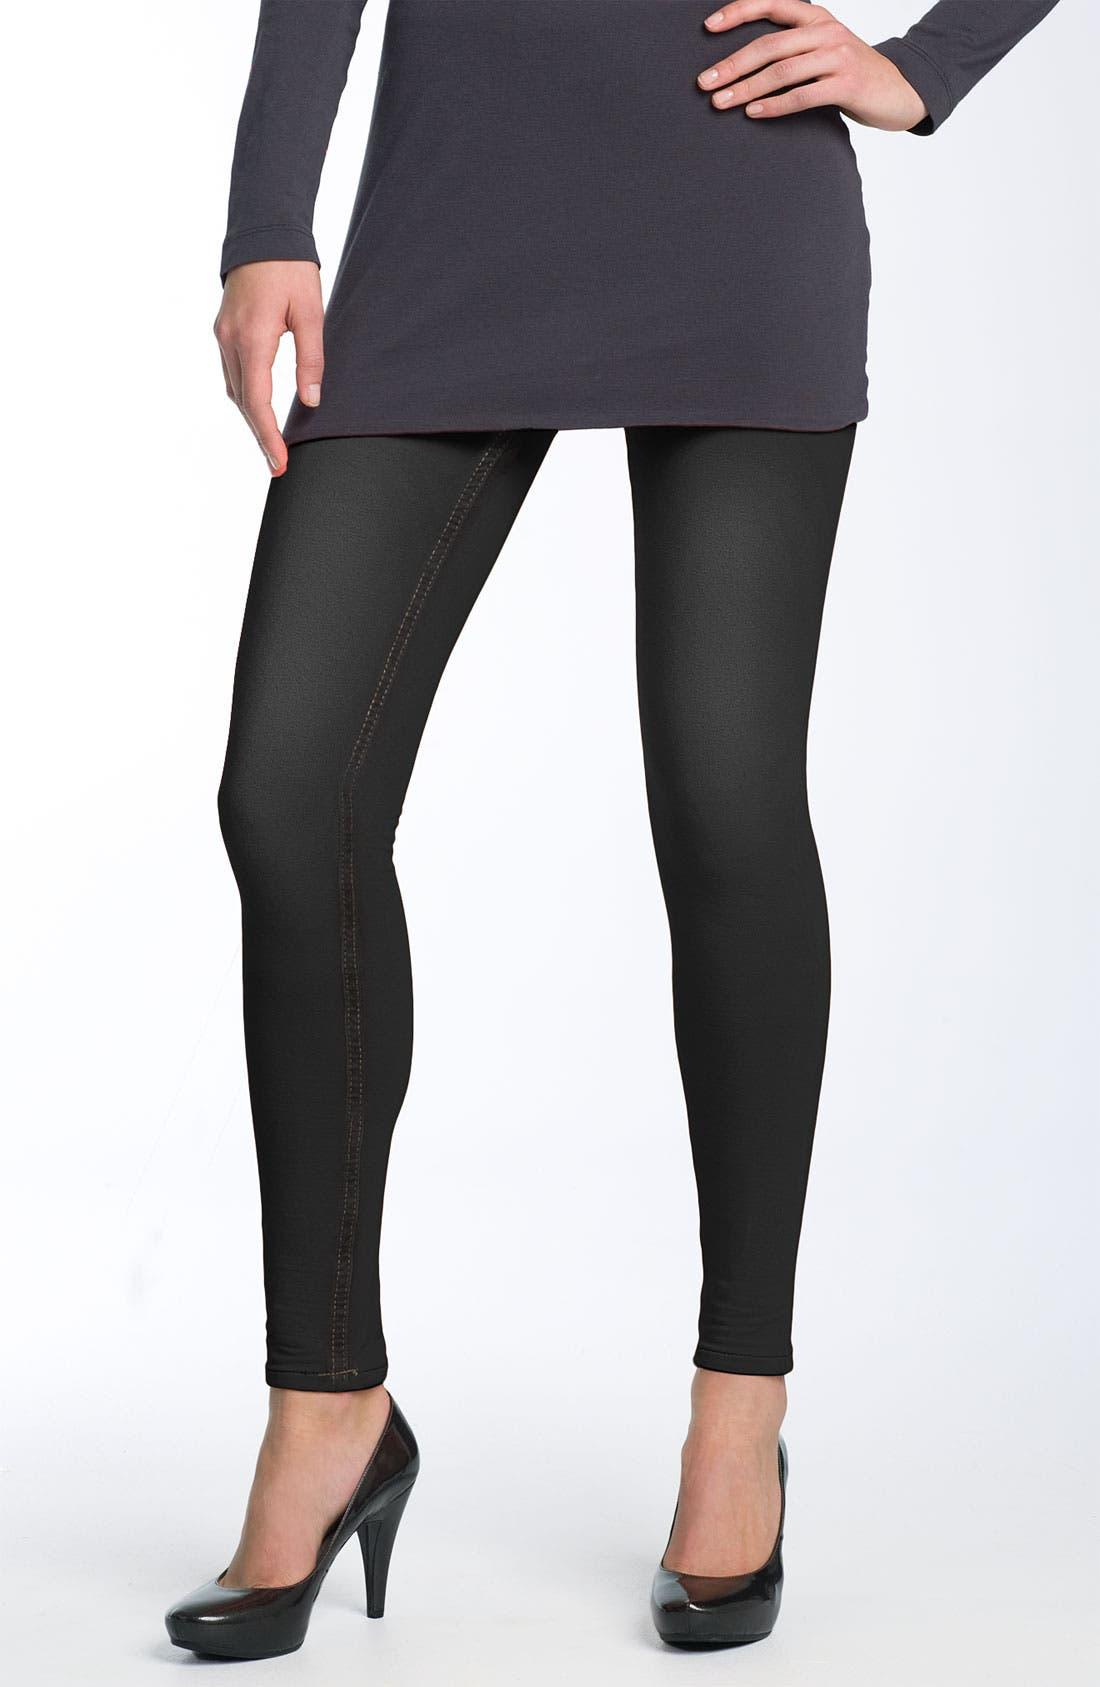 HUE 'Skinny Jeanz' Leggings, Main, color, 001